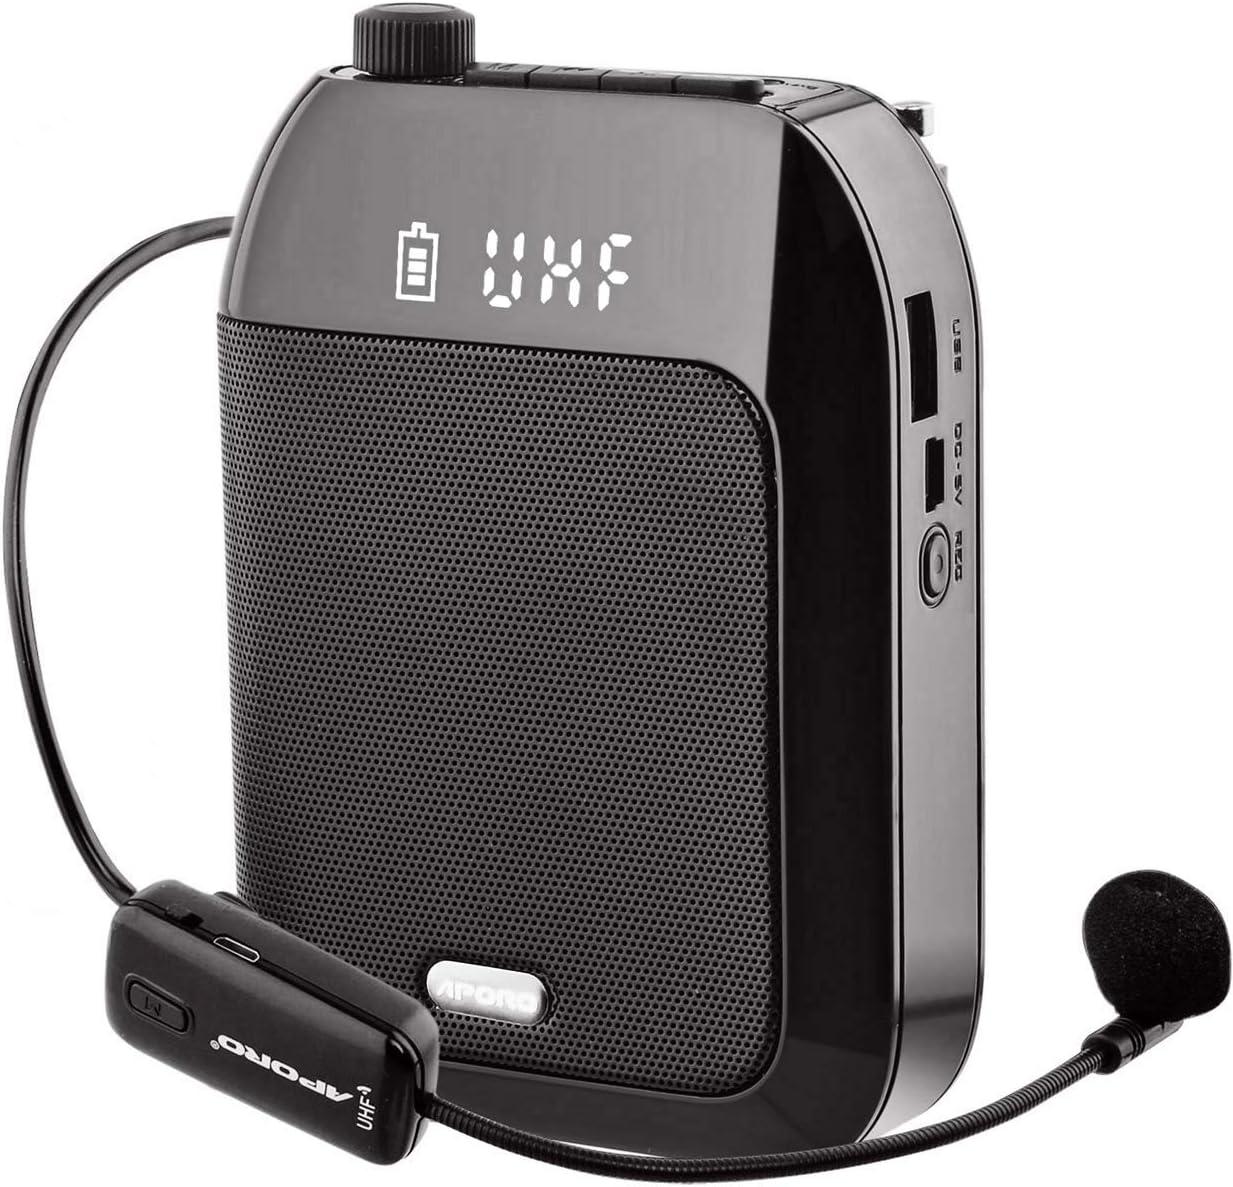 Amplificador de Voz, Sistema PA Recargable de 15 Vatios (2400 mAh) Con Micrófono Inalámbrico UHF para Profesores, Guía Turístico y más